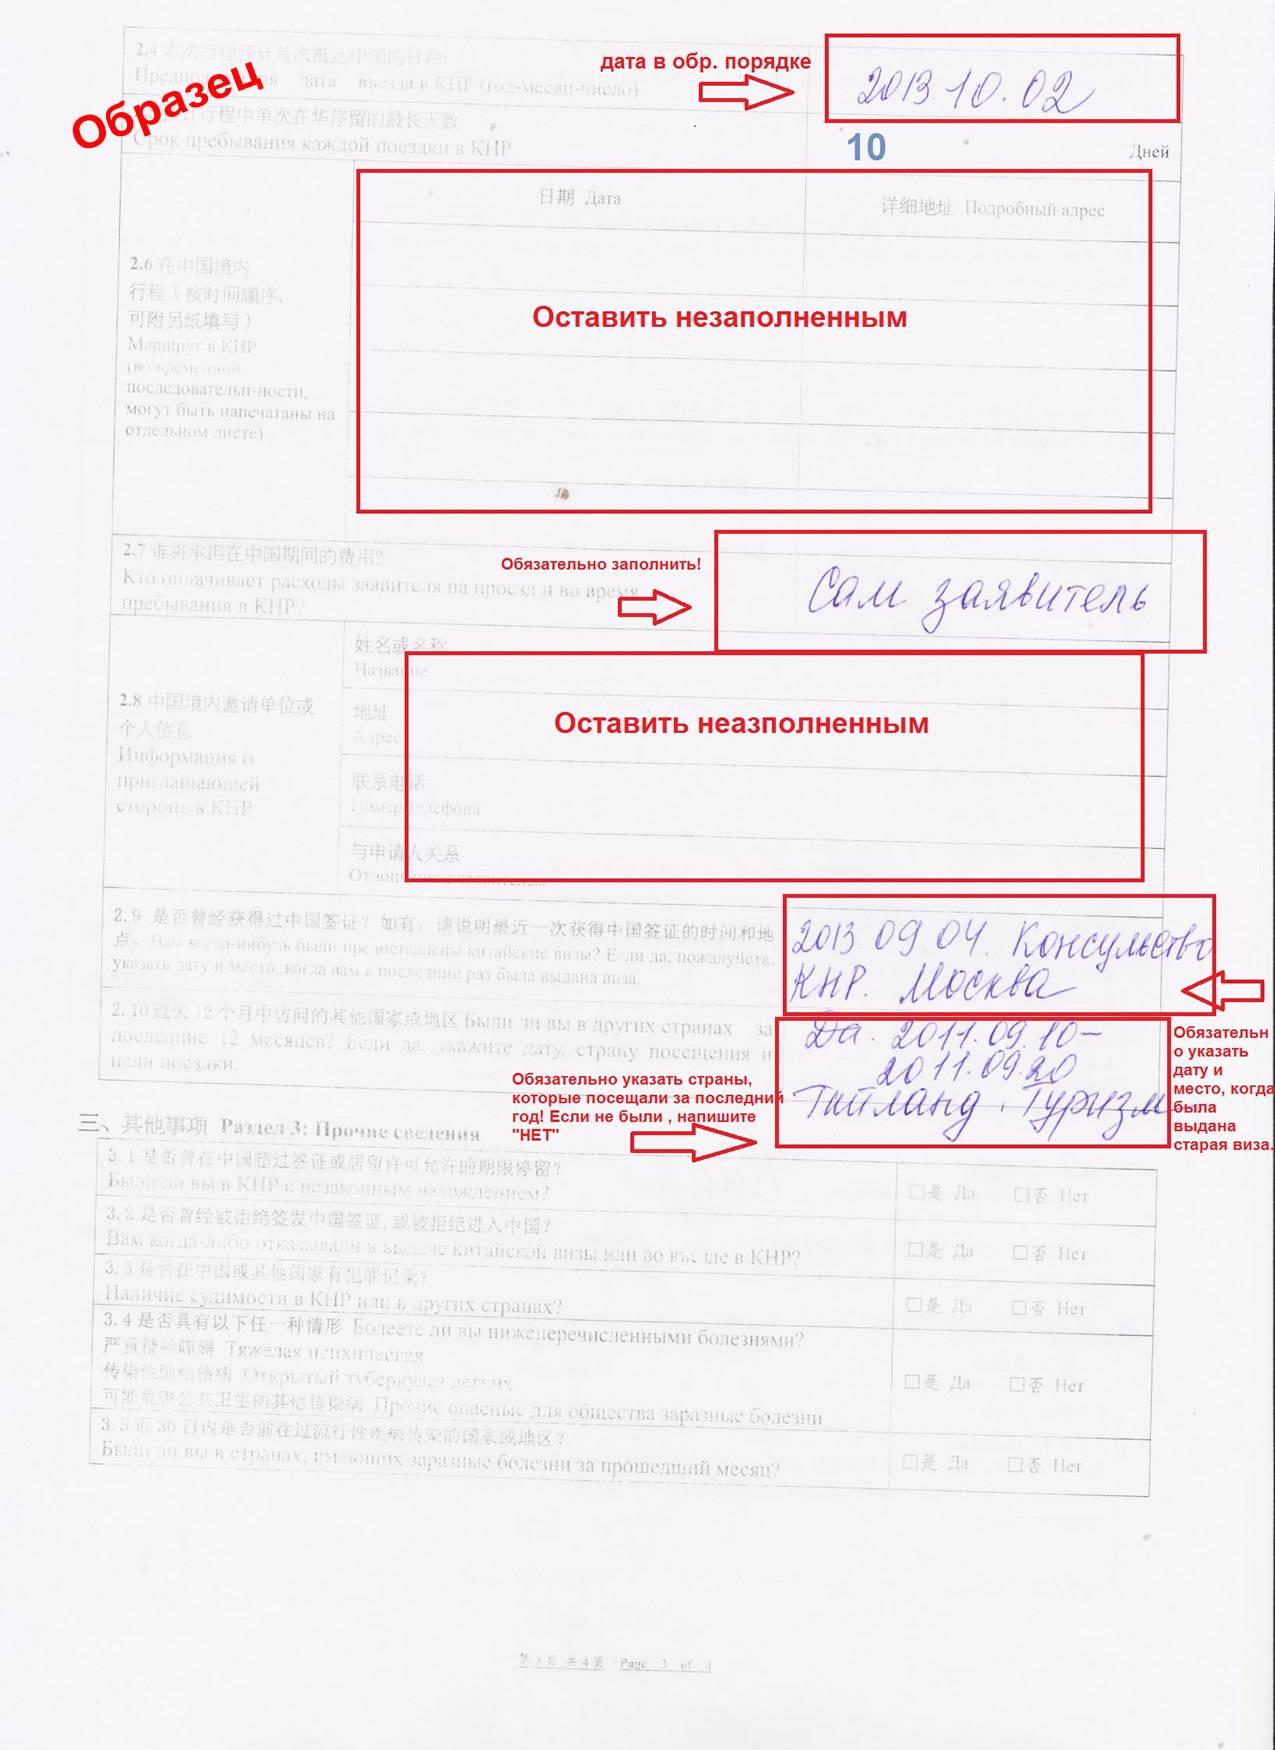 Анкета на визу в китай: пример заполнения, требования при оформлении документа для россиян, пошаговая инструкция, образец, как правильно вписать данные юрэксперт онлайн